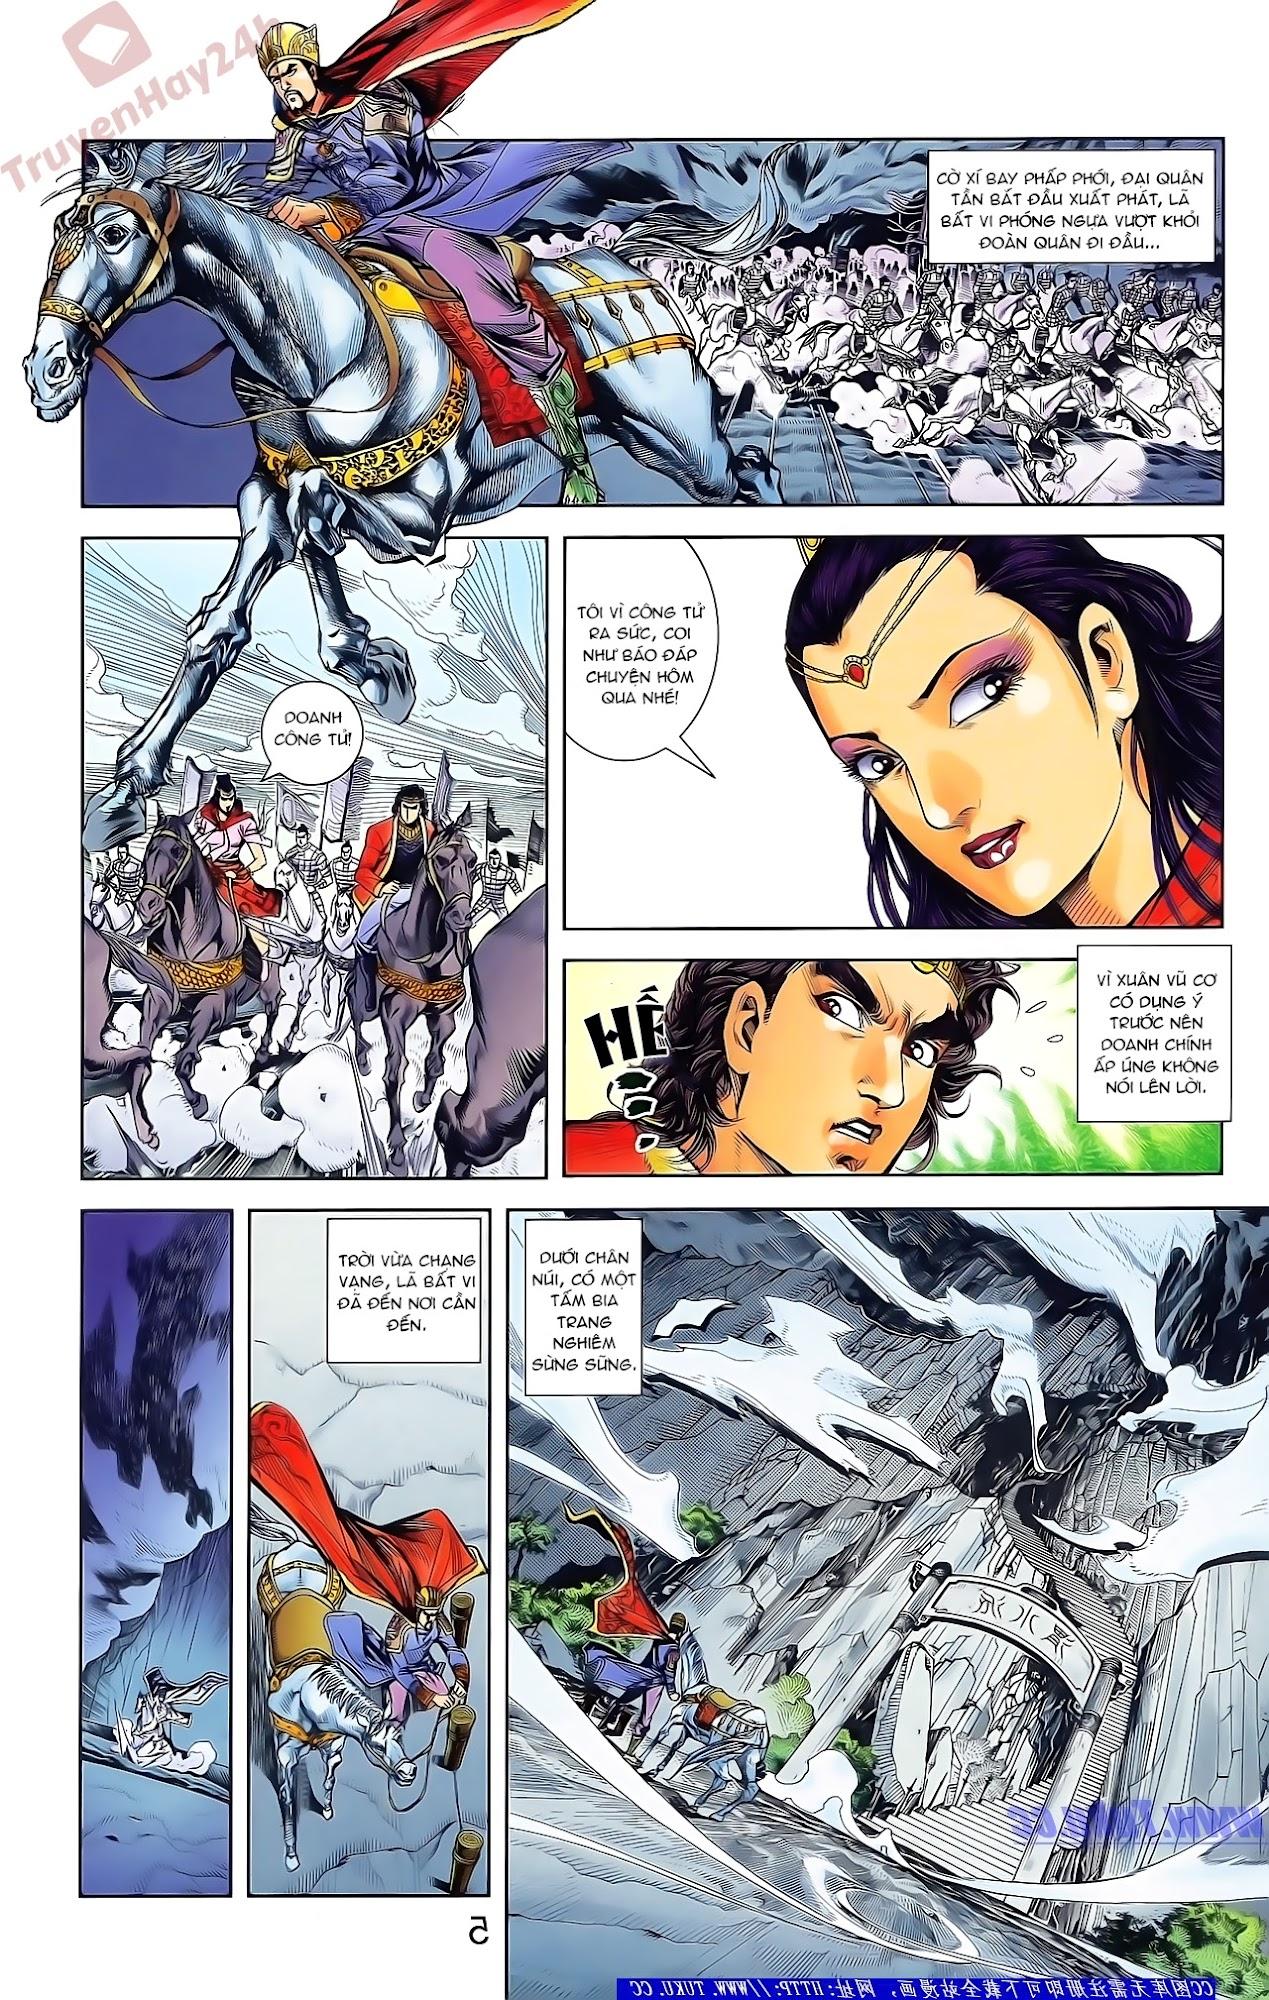 Tần Vương Doanh Chính chapter 47 trang 19